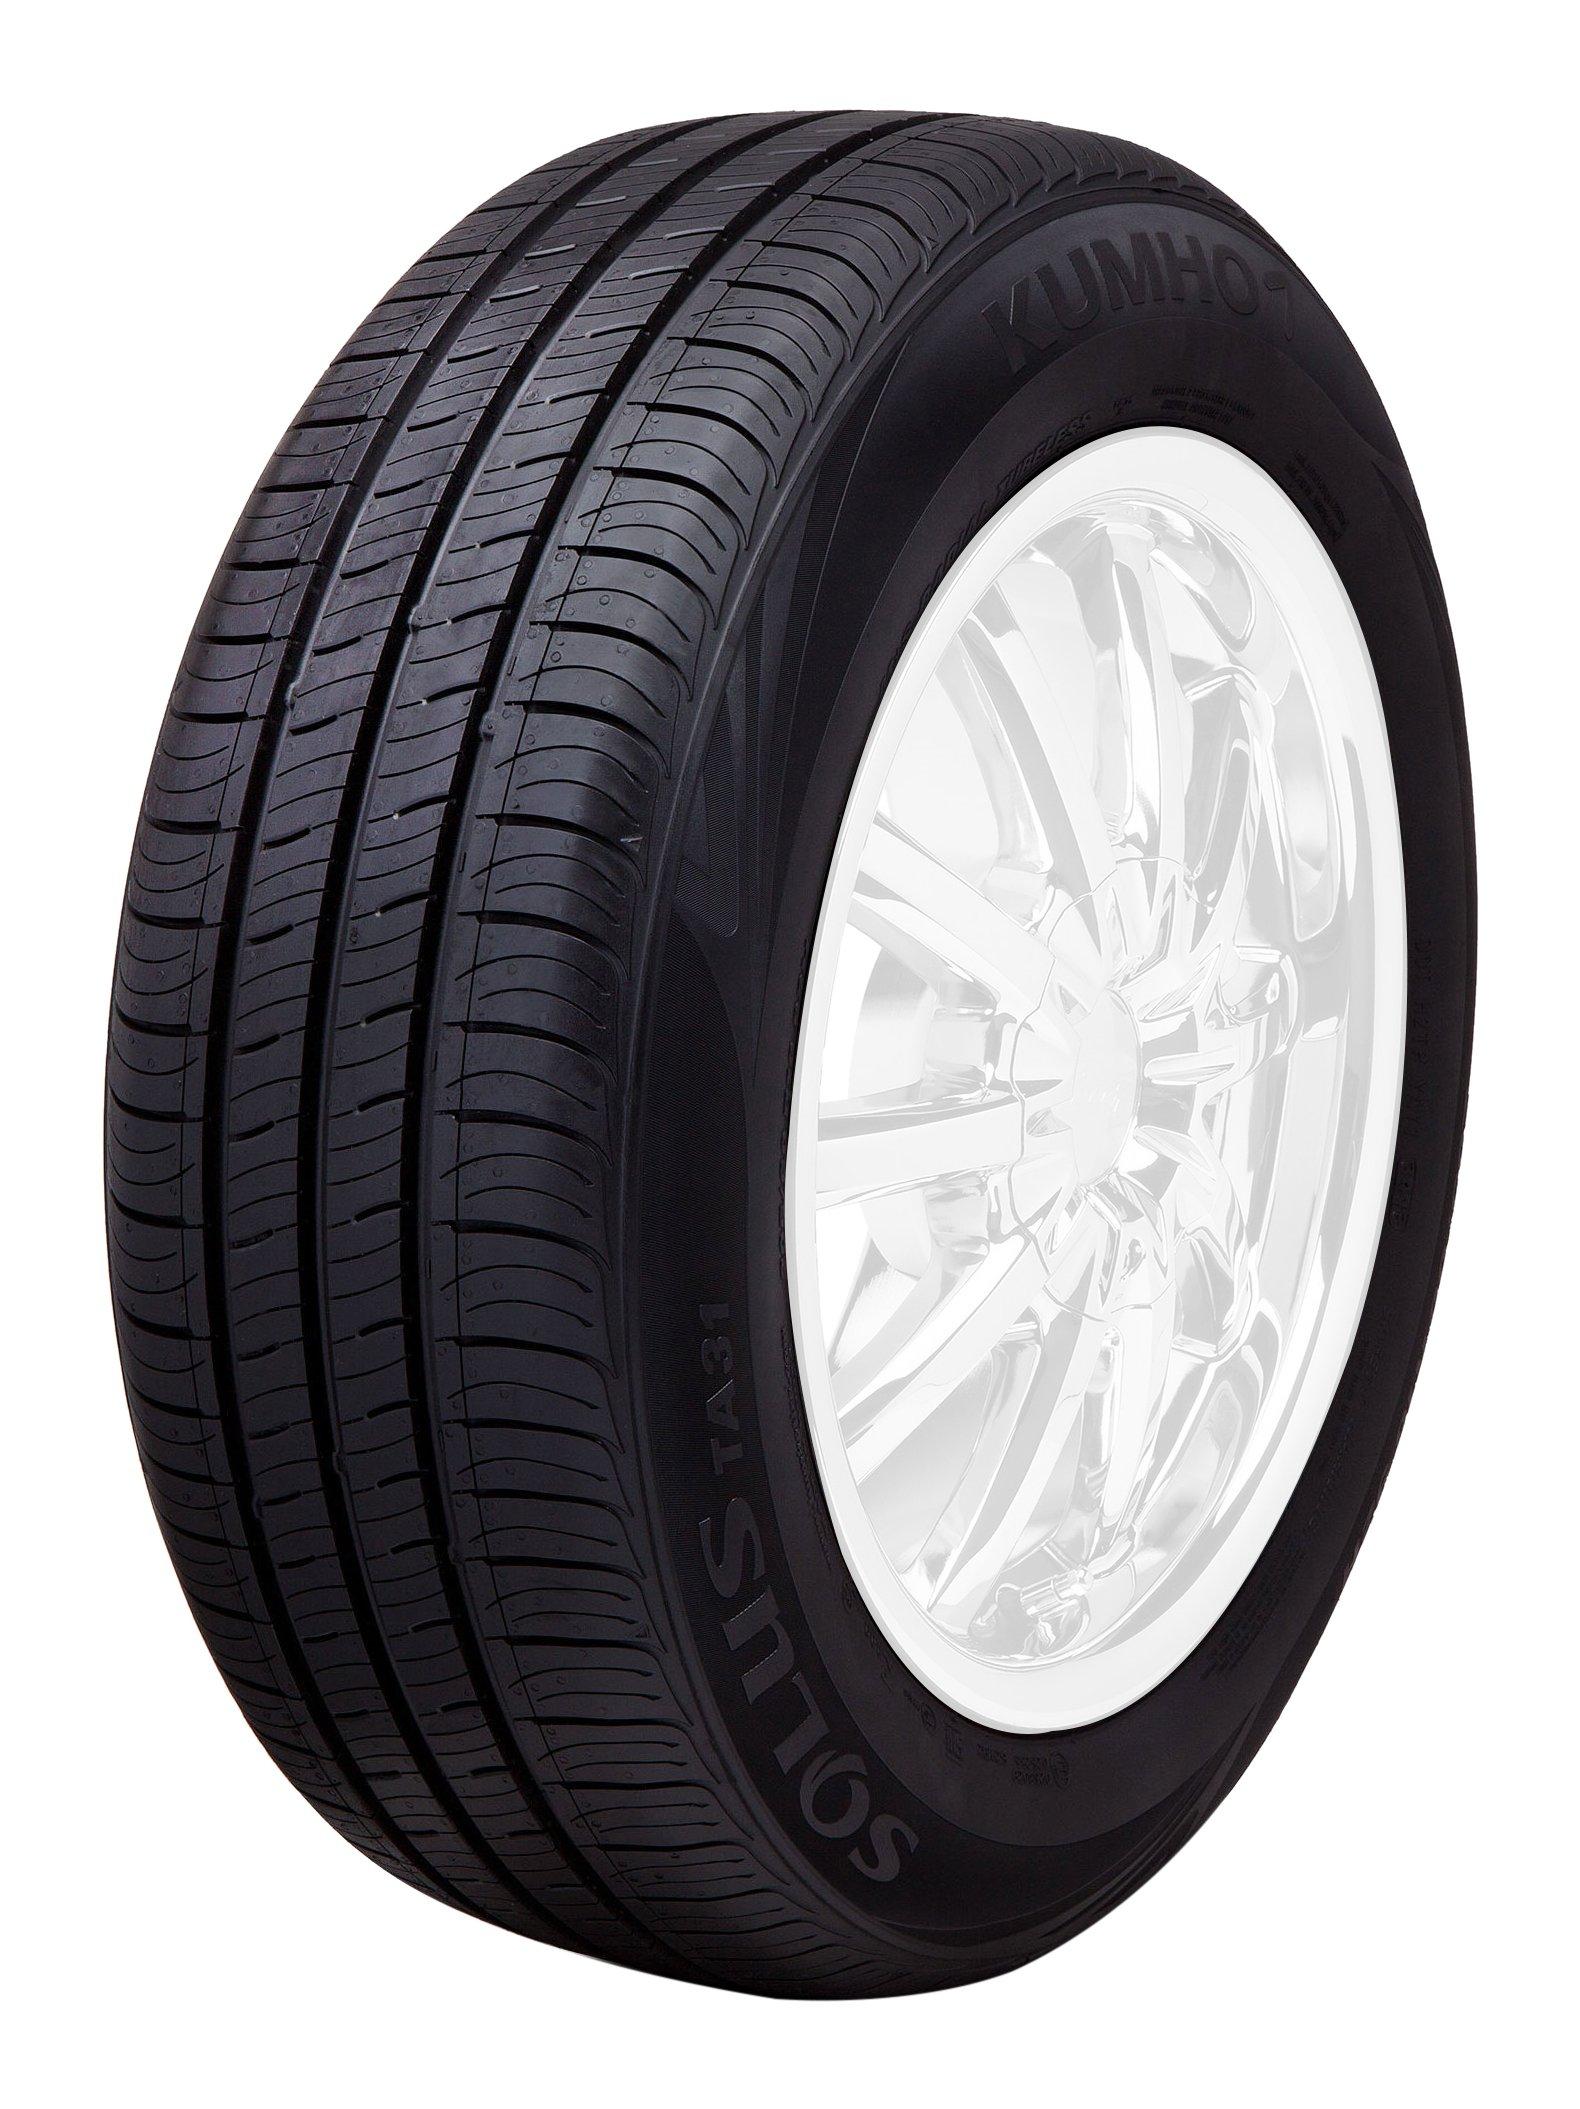 Kumho Solus TA31 Performance Radial Tire - 235/55R16 98V